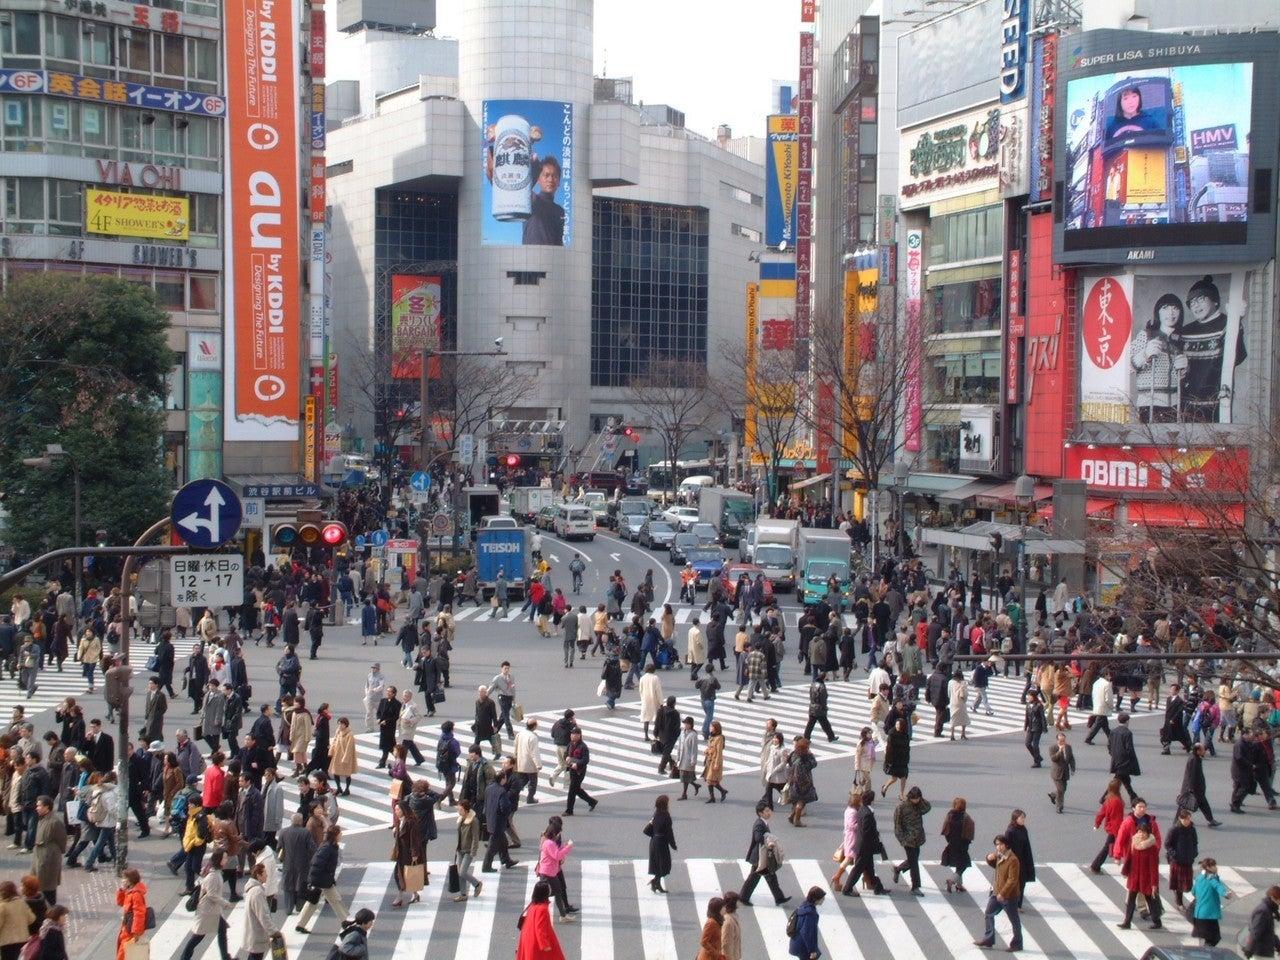 渋谷 スクランブル 交差点 カメラ